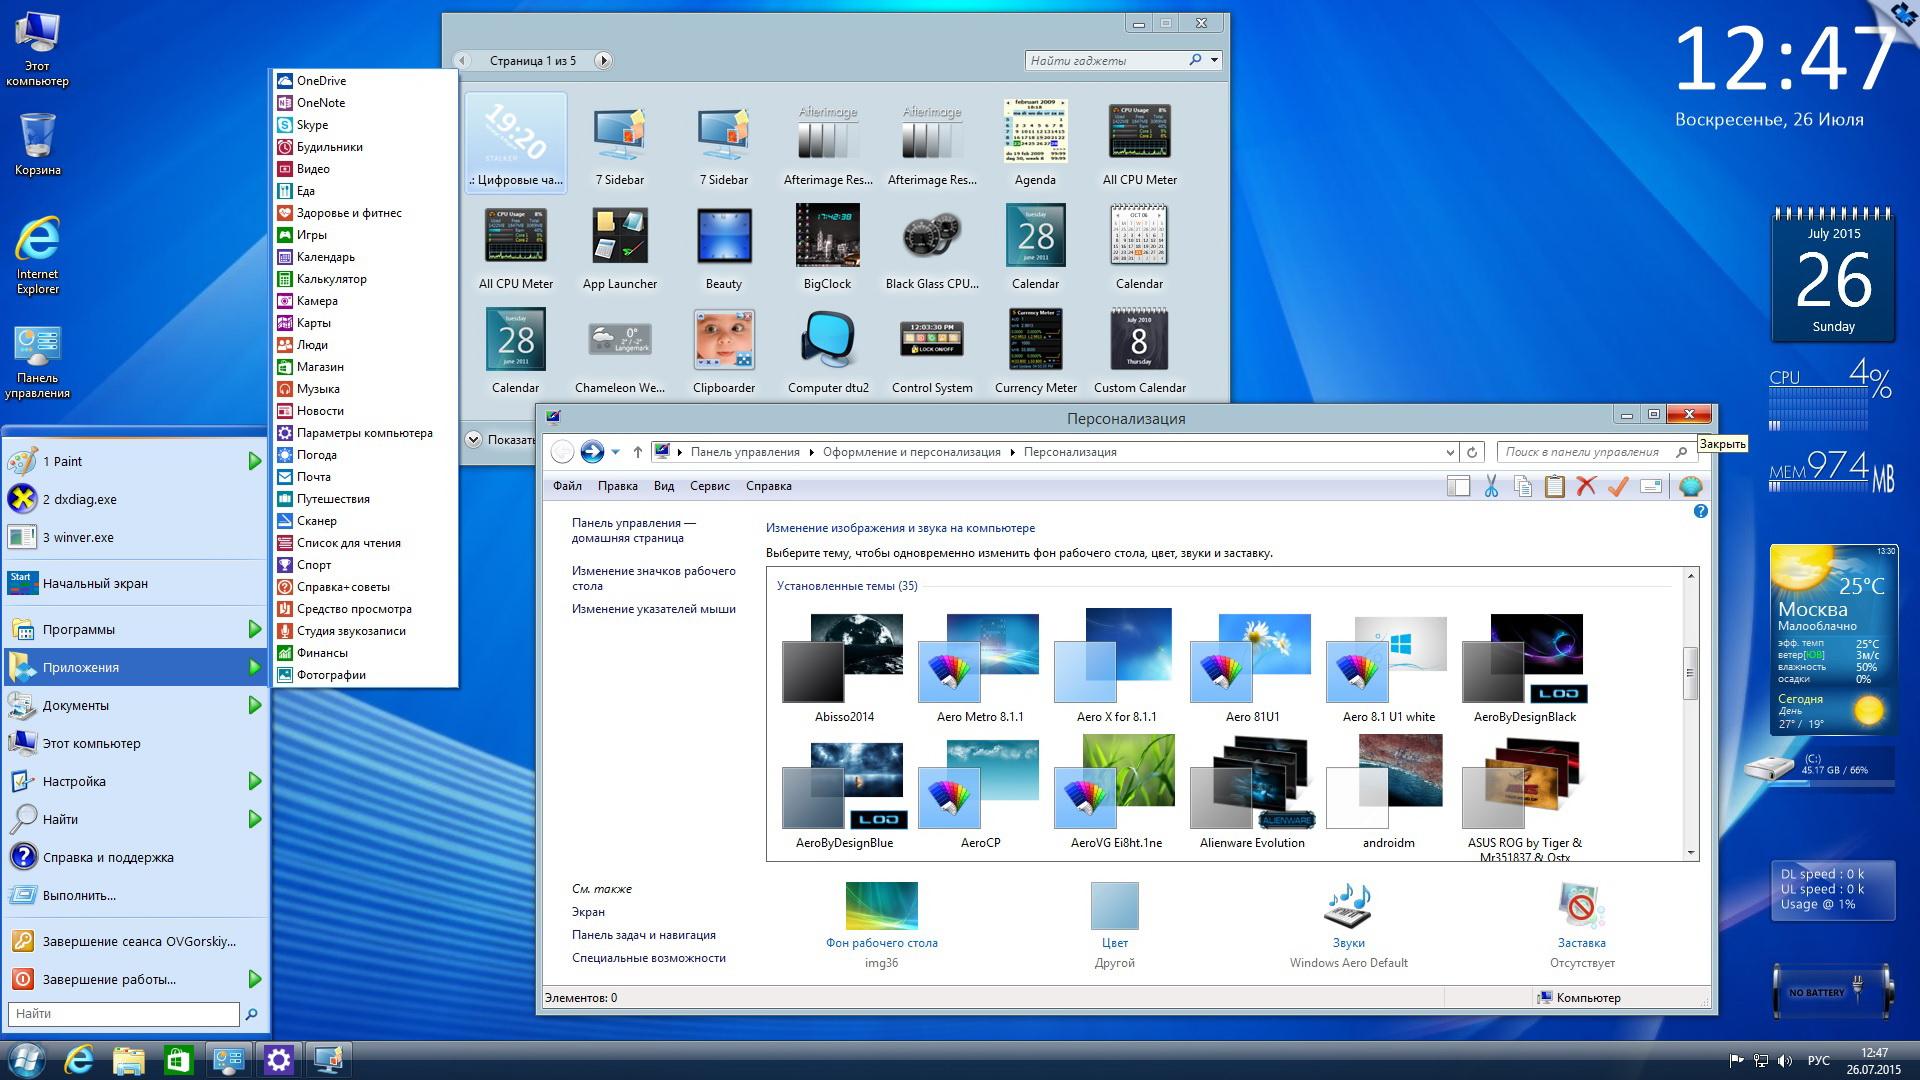 http://fs2.directupload.net/images/150726/dqsbliri.jpg